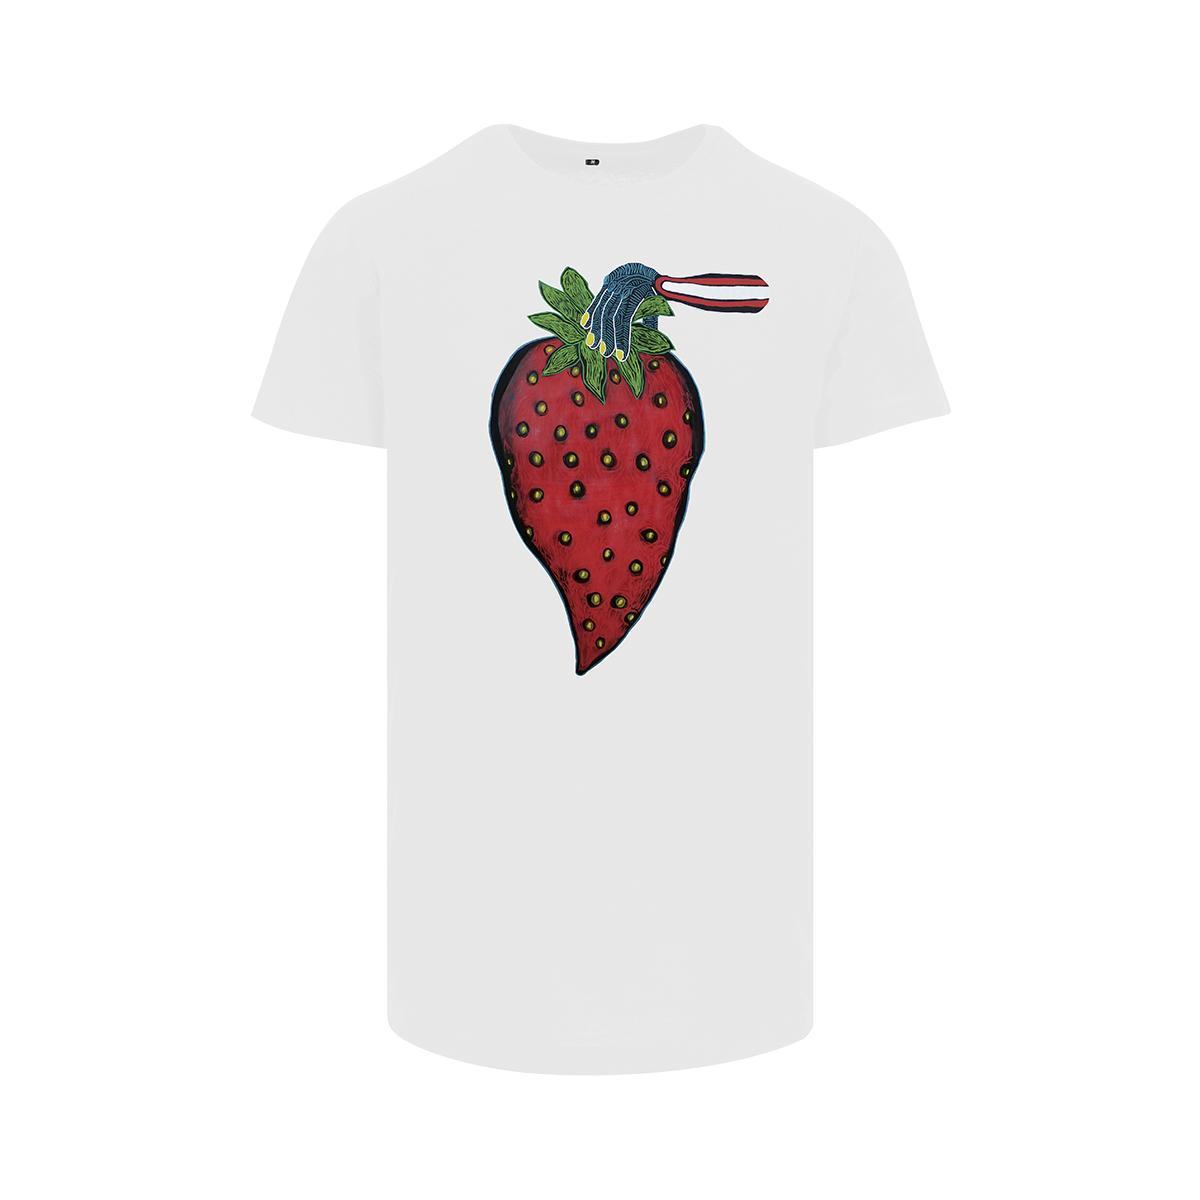 Frank Willems - Longfit T-shirt - Yummy Strawberry - WHT